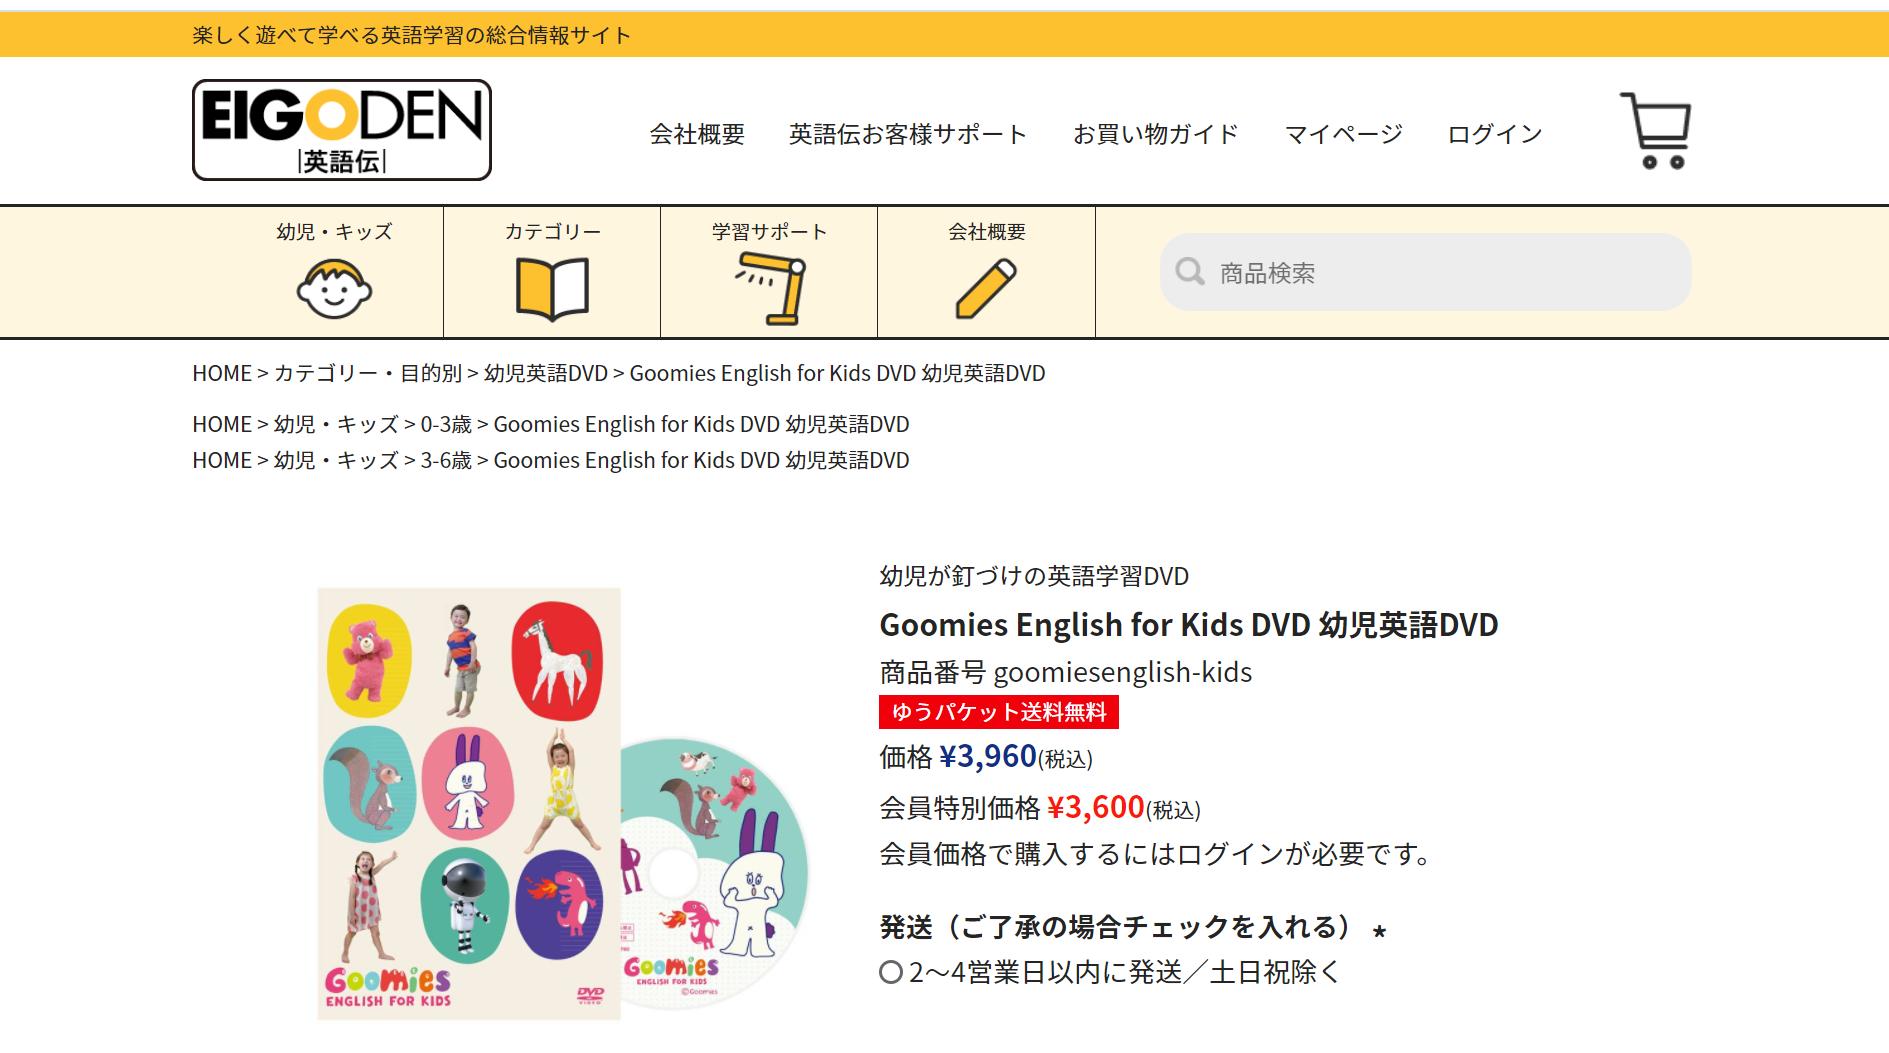 幼児英語DVD【Goomies】のトップページ画像